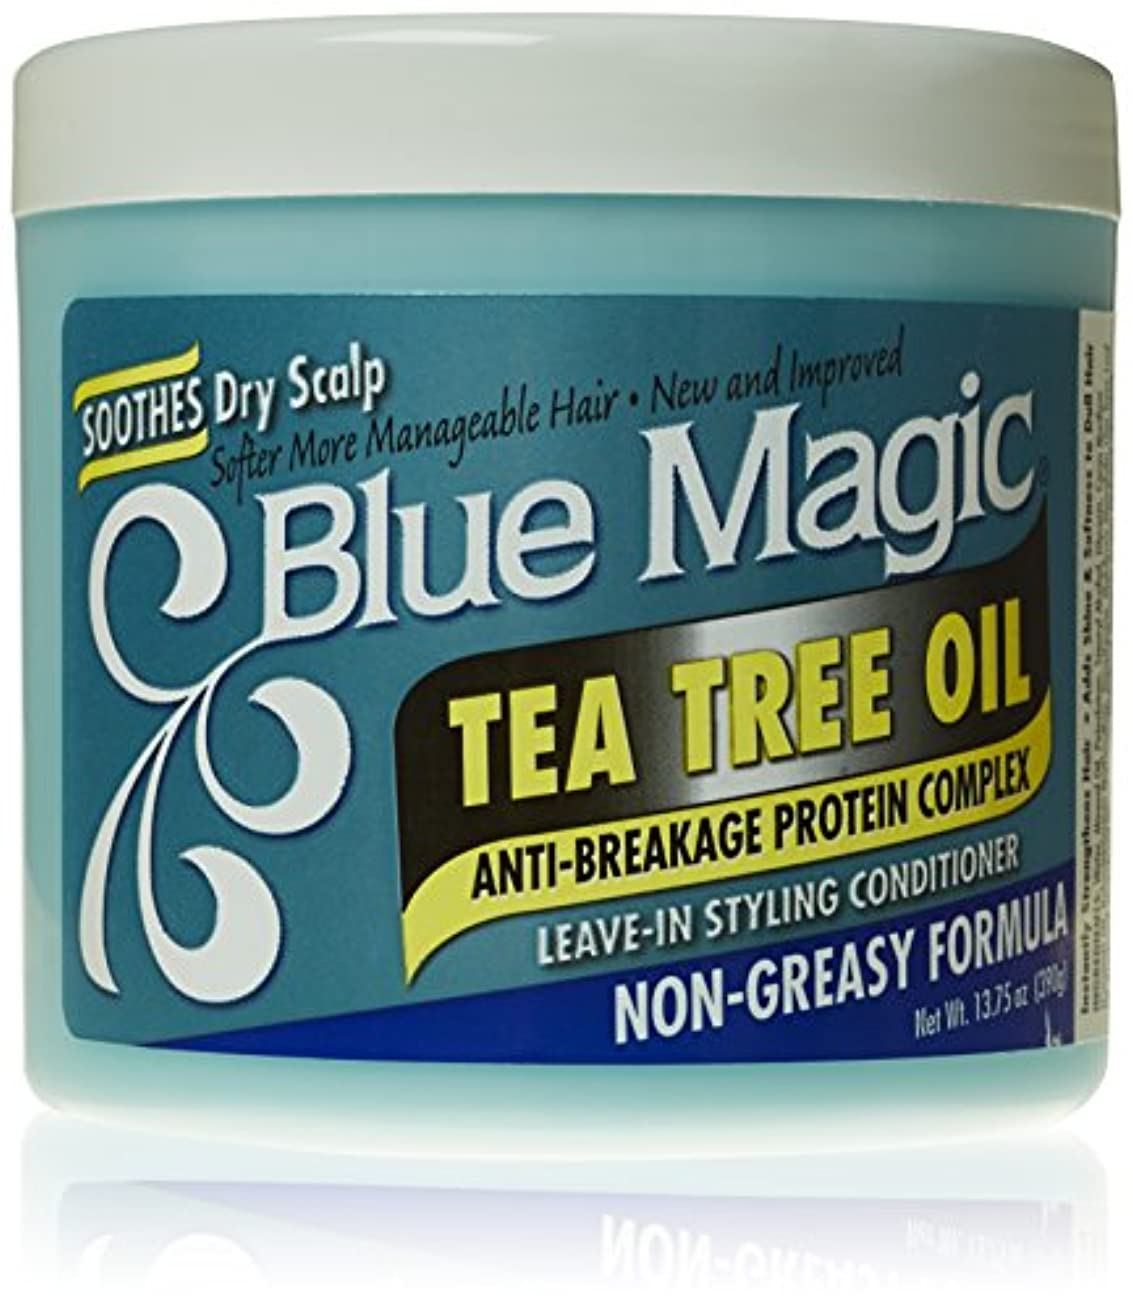 請求可能食い違い七面鳥Blue Magic ティーツリーは、リーブインヘアスタイリングコンディショナー、13.75オンス